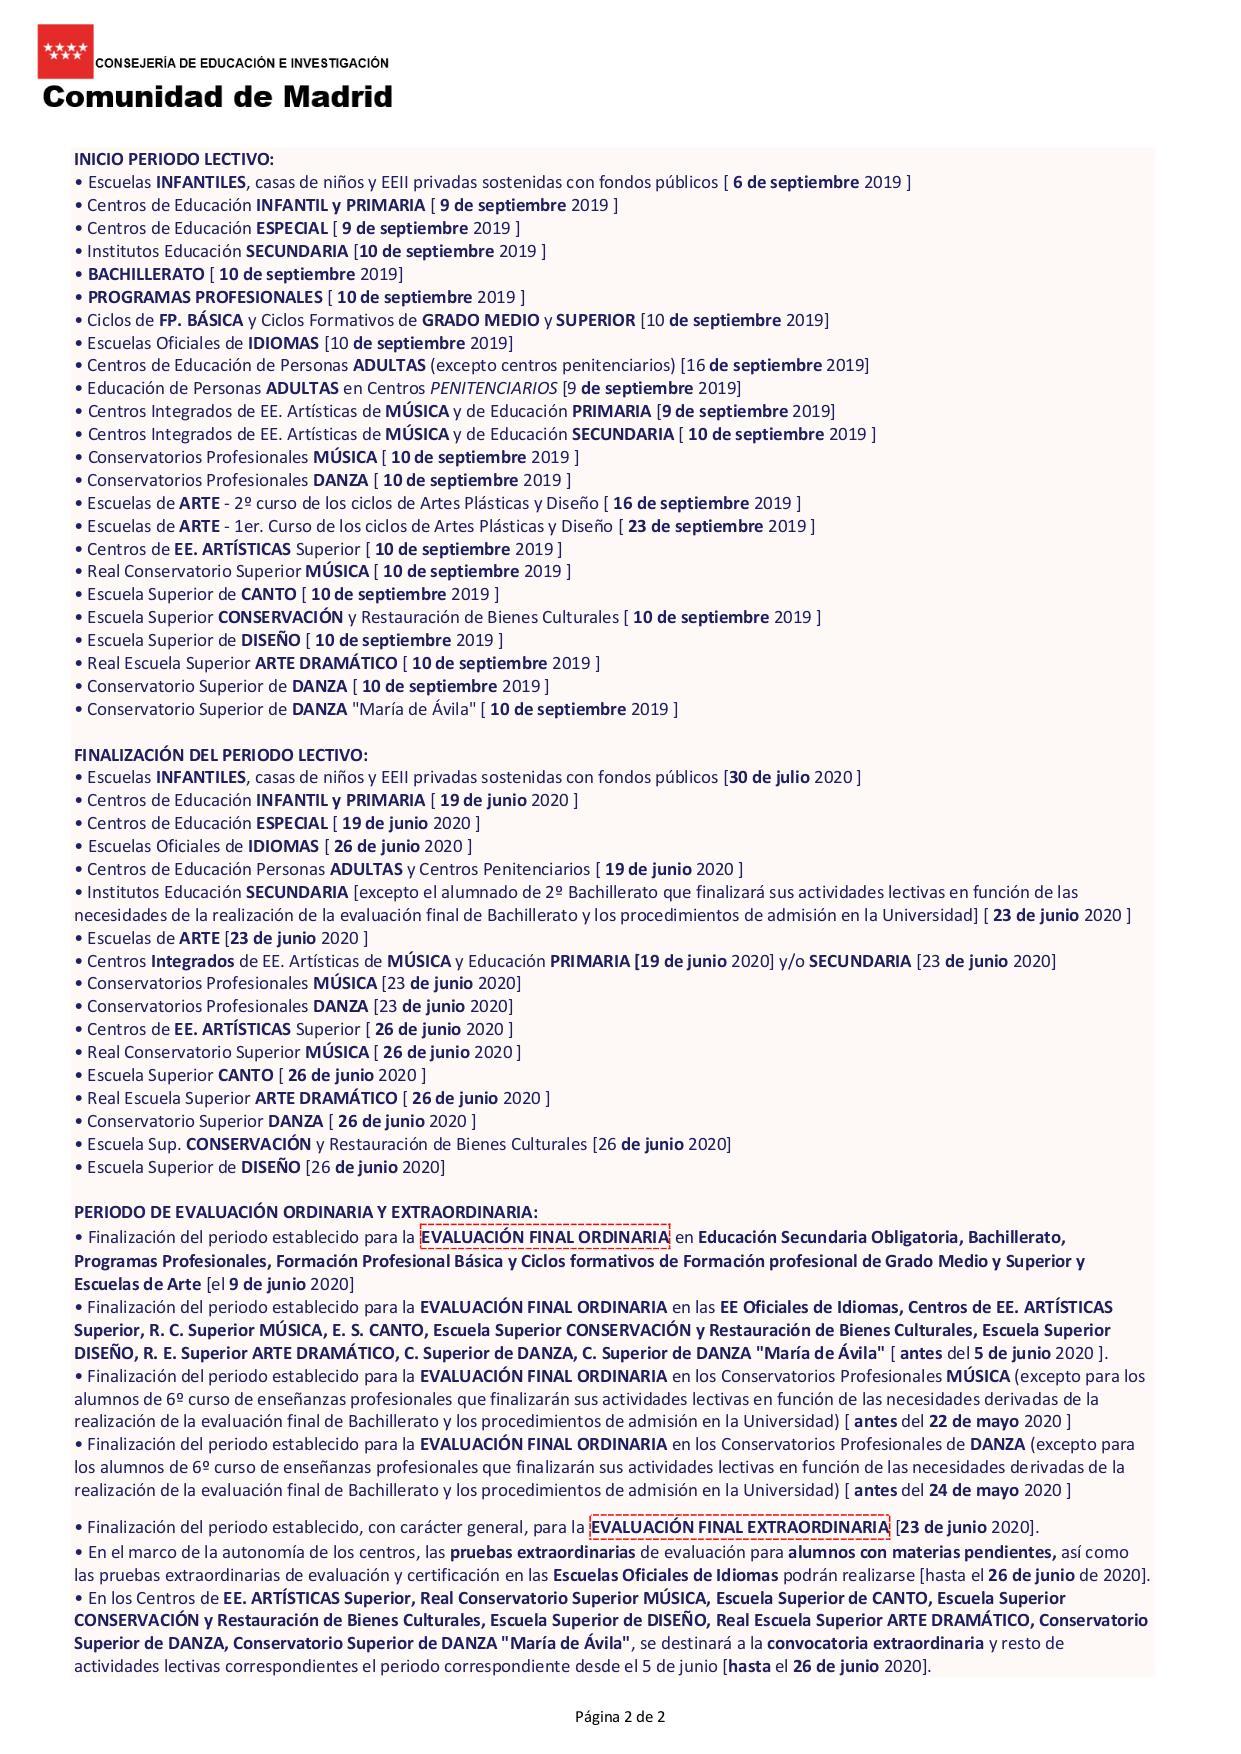 Uah Calendario Academico.Calendario Escolar Oficial Centro Ies Albeniz Alcala Educamadrid